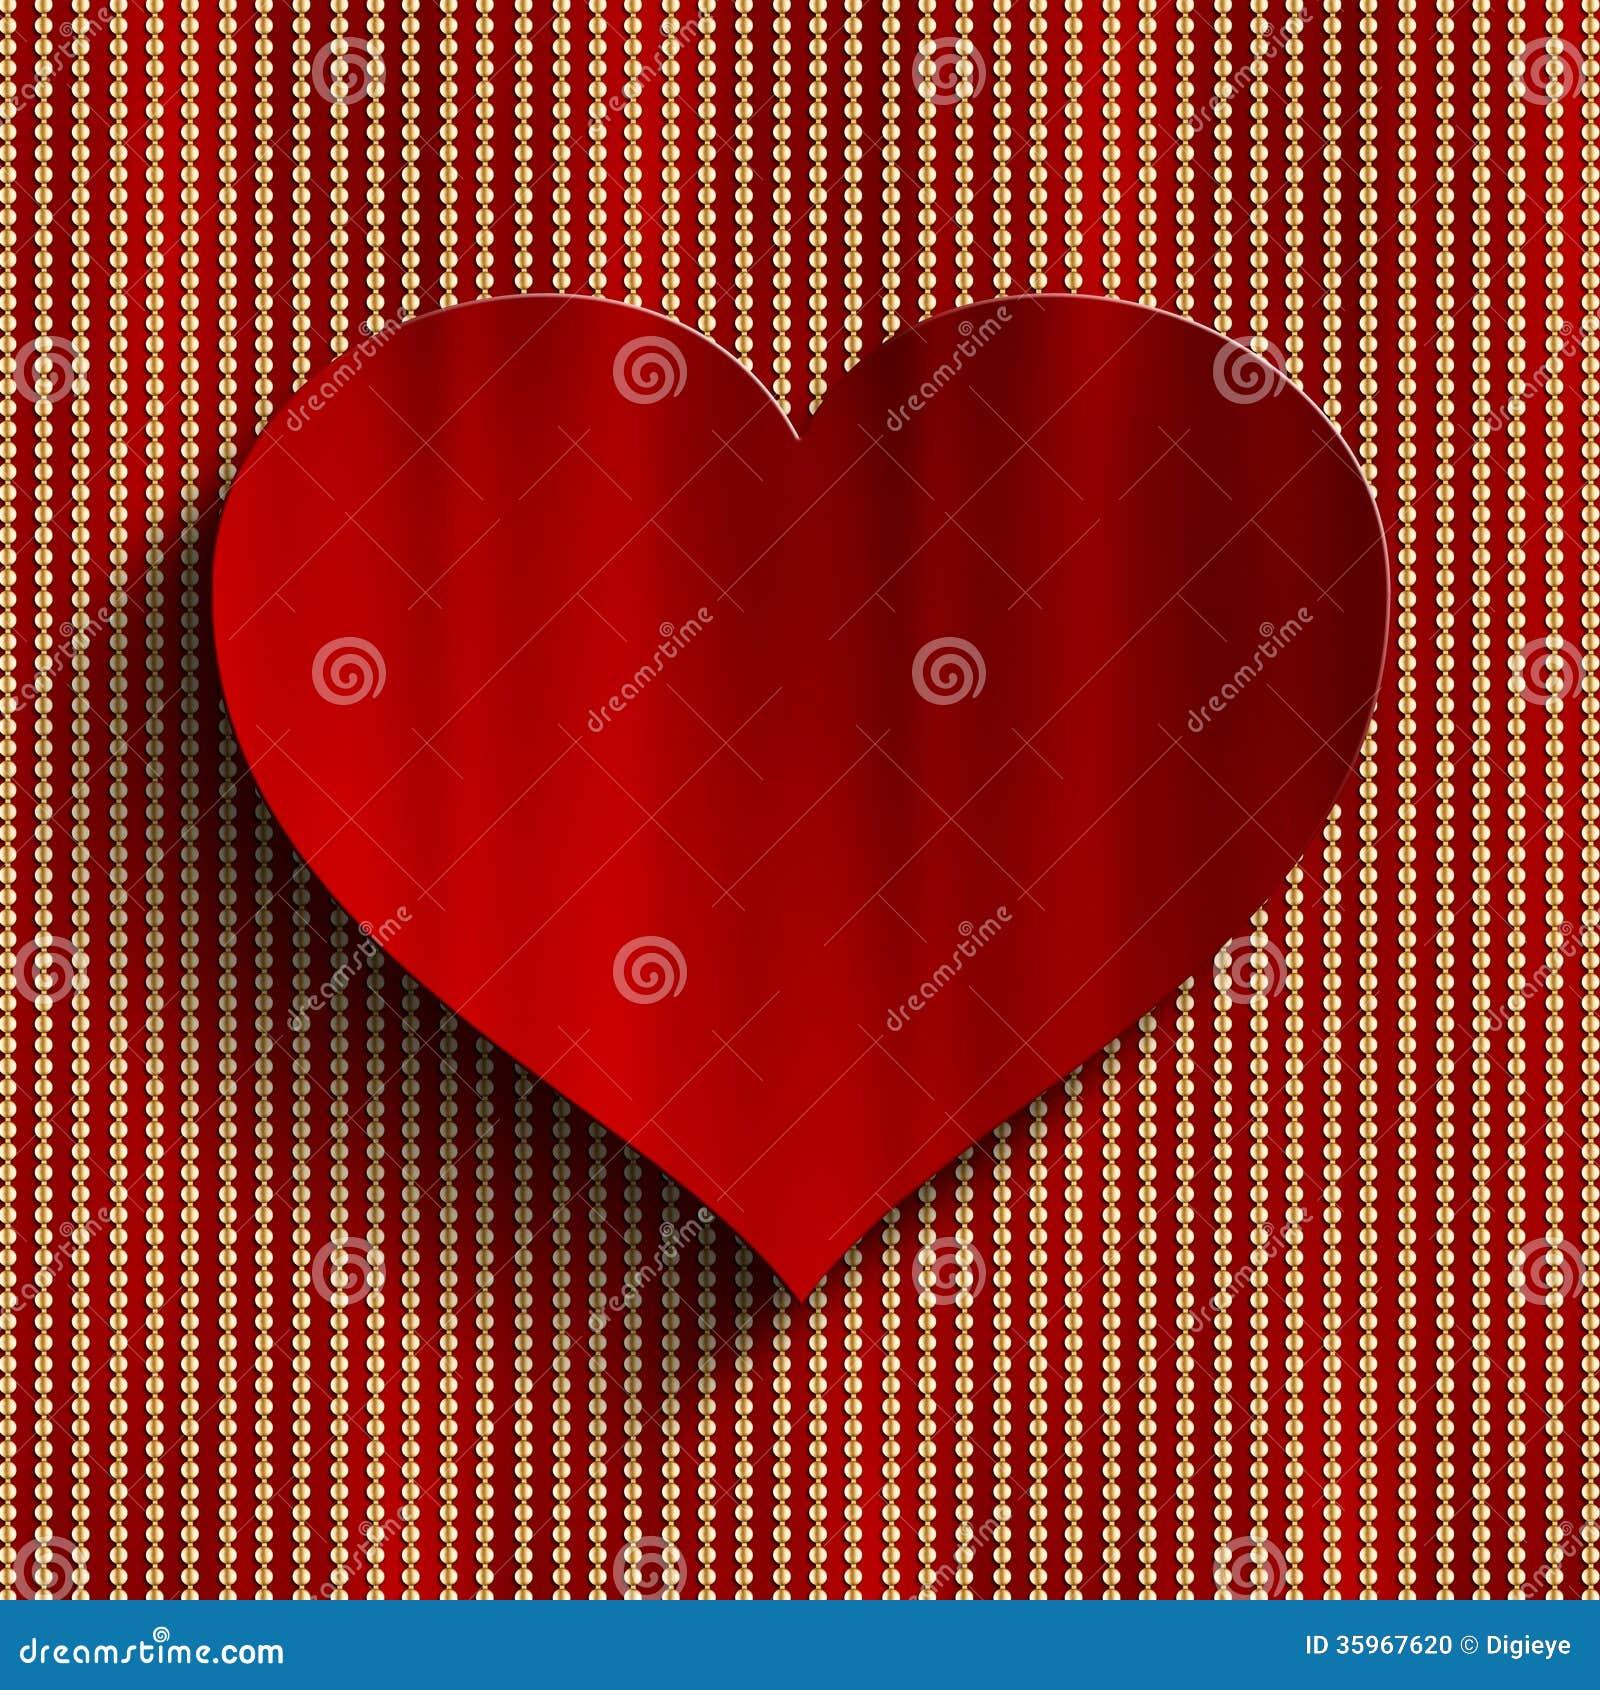 Fondo del día de tarjeta del día de San Valentín - corazón rojo